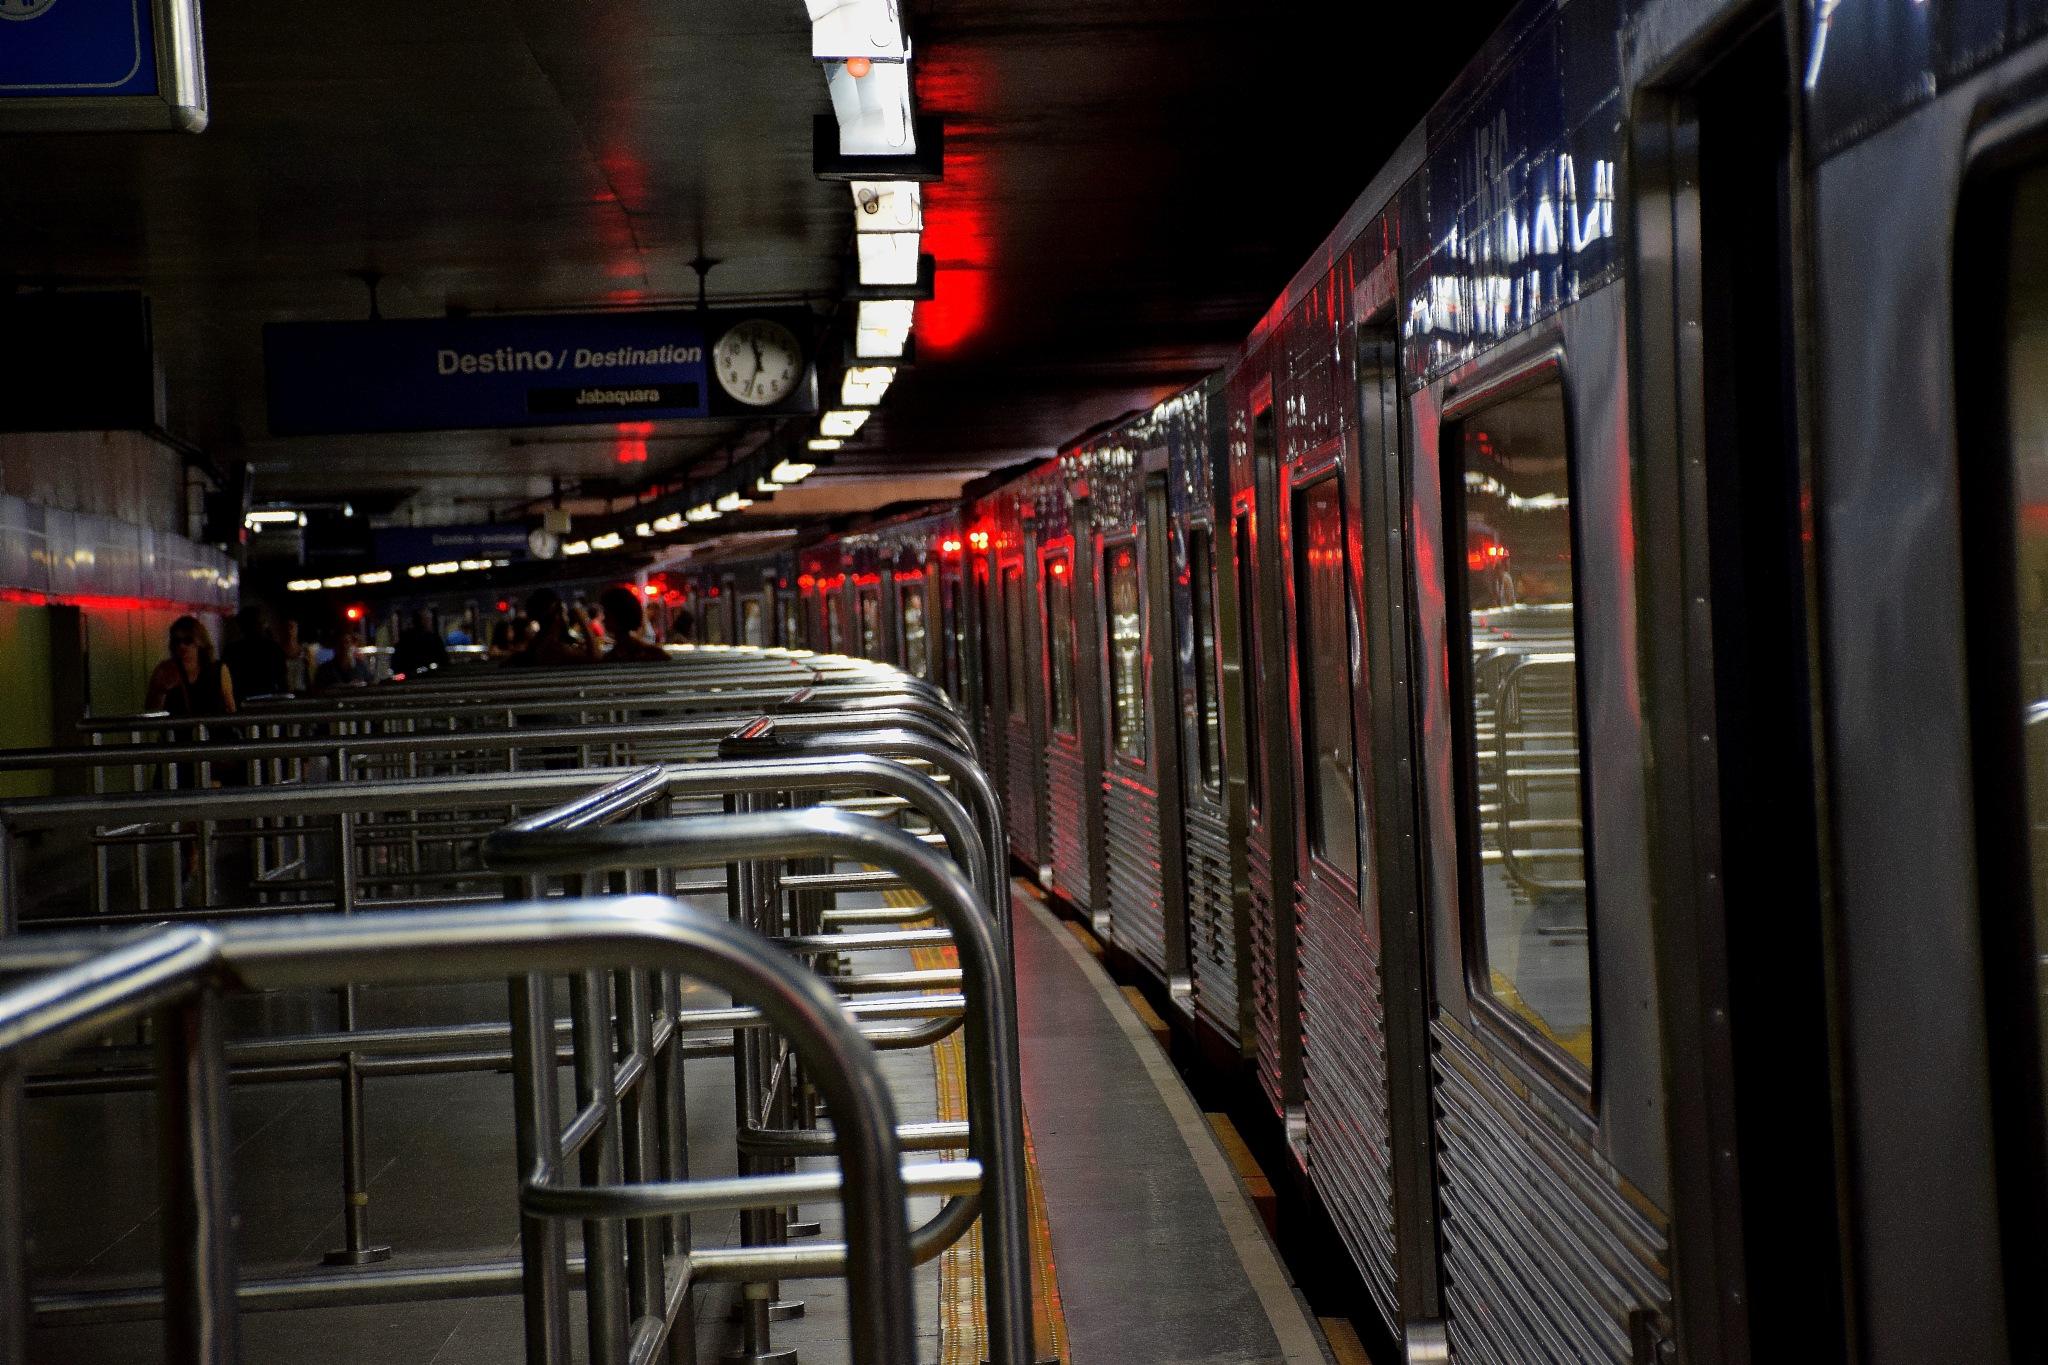 Metrô Sé by LuixCelso